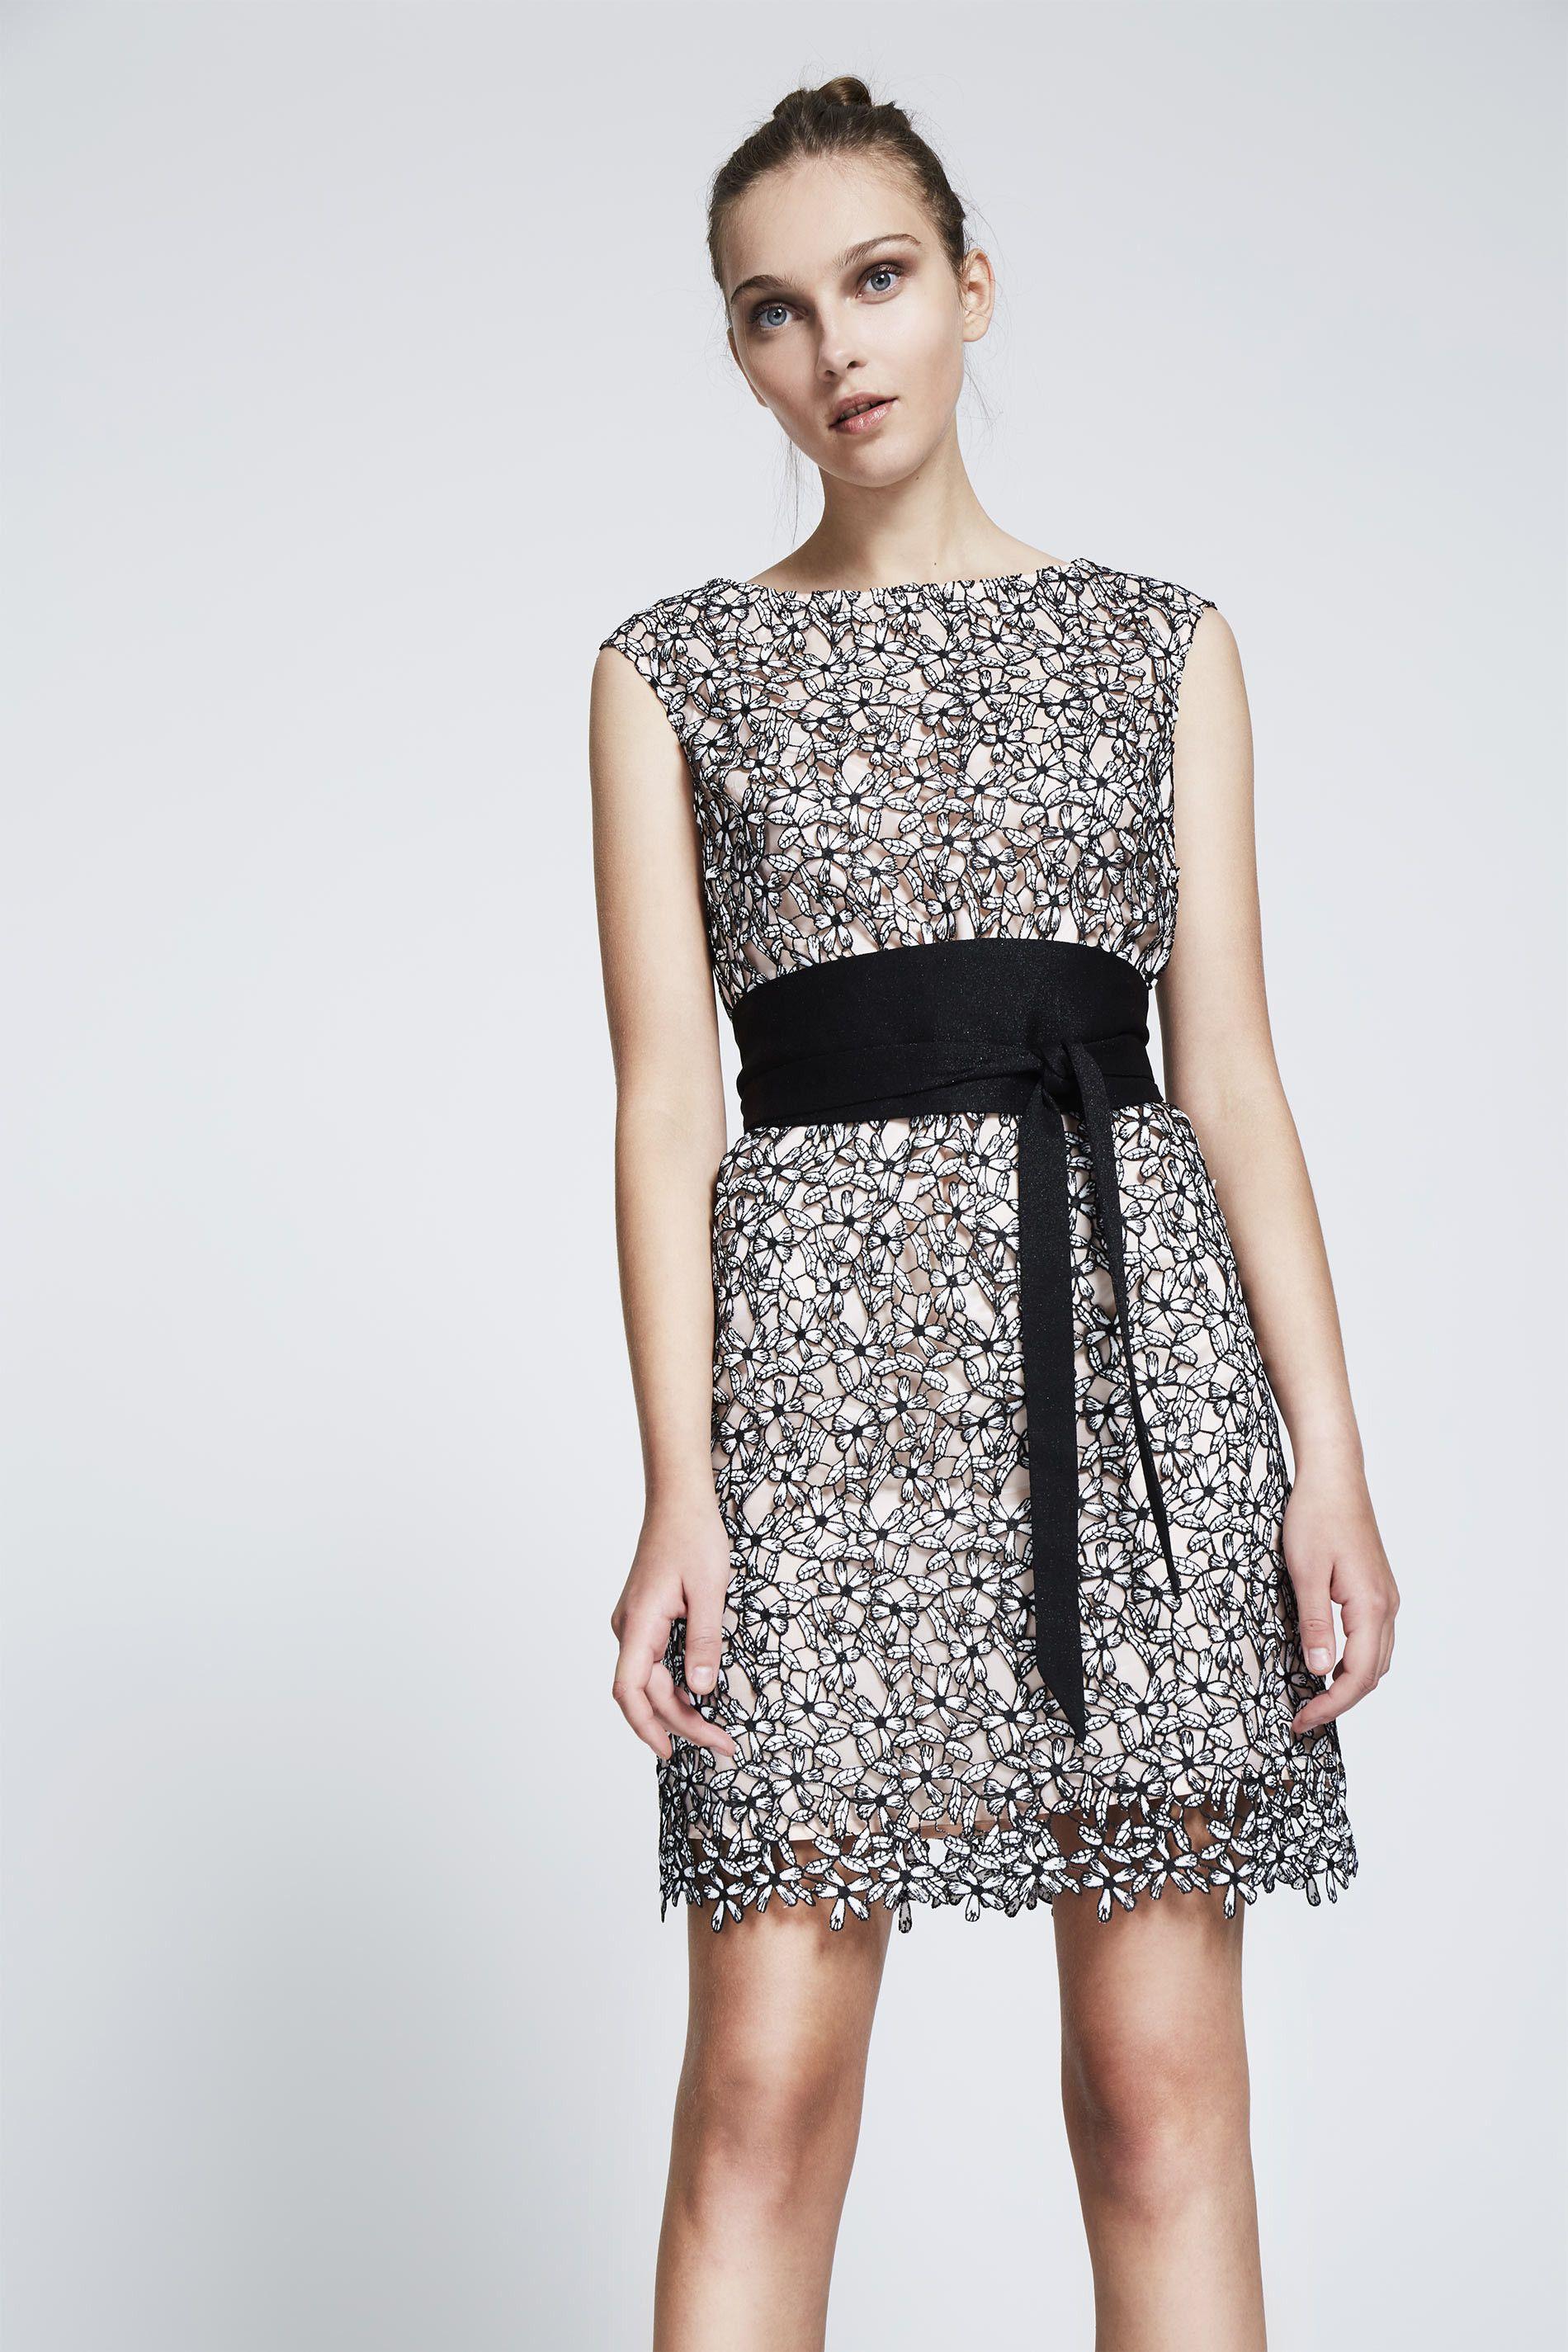 aa4decfd7 Vestido blanco y negro. recto. corto.en tejido de flores de guipur ...